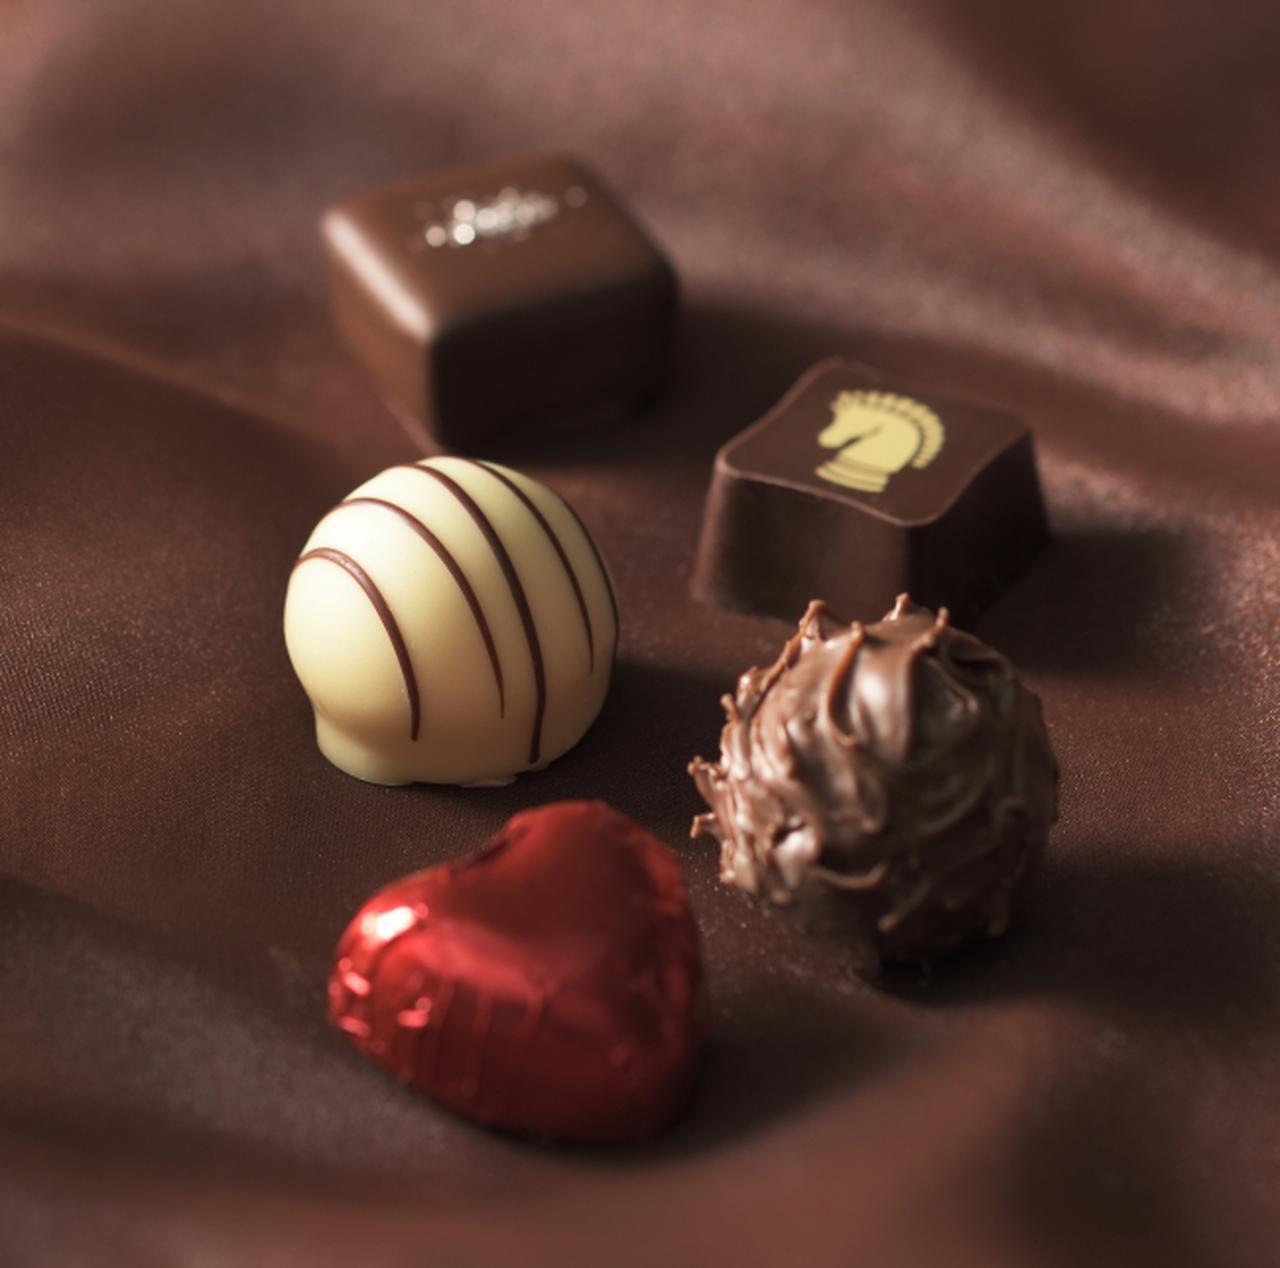 画像: 【銀座コージーコーナー】バレンタインに!こだわり新作チョコギフト「ショコラアソルティグラン」「ショコラアソルティバリエ」が好評販売中